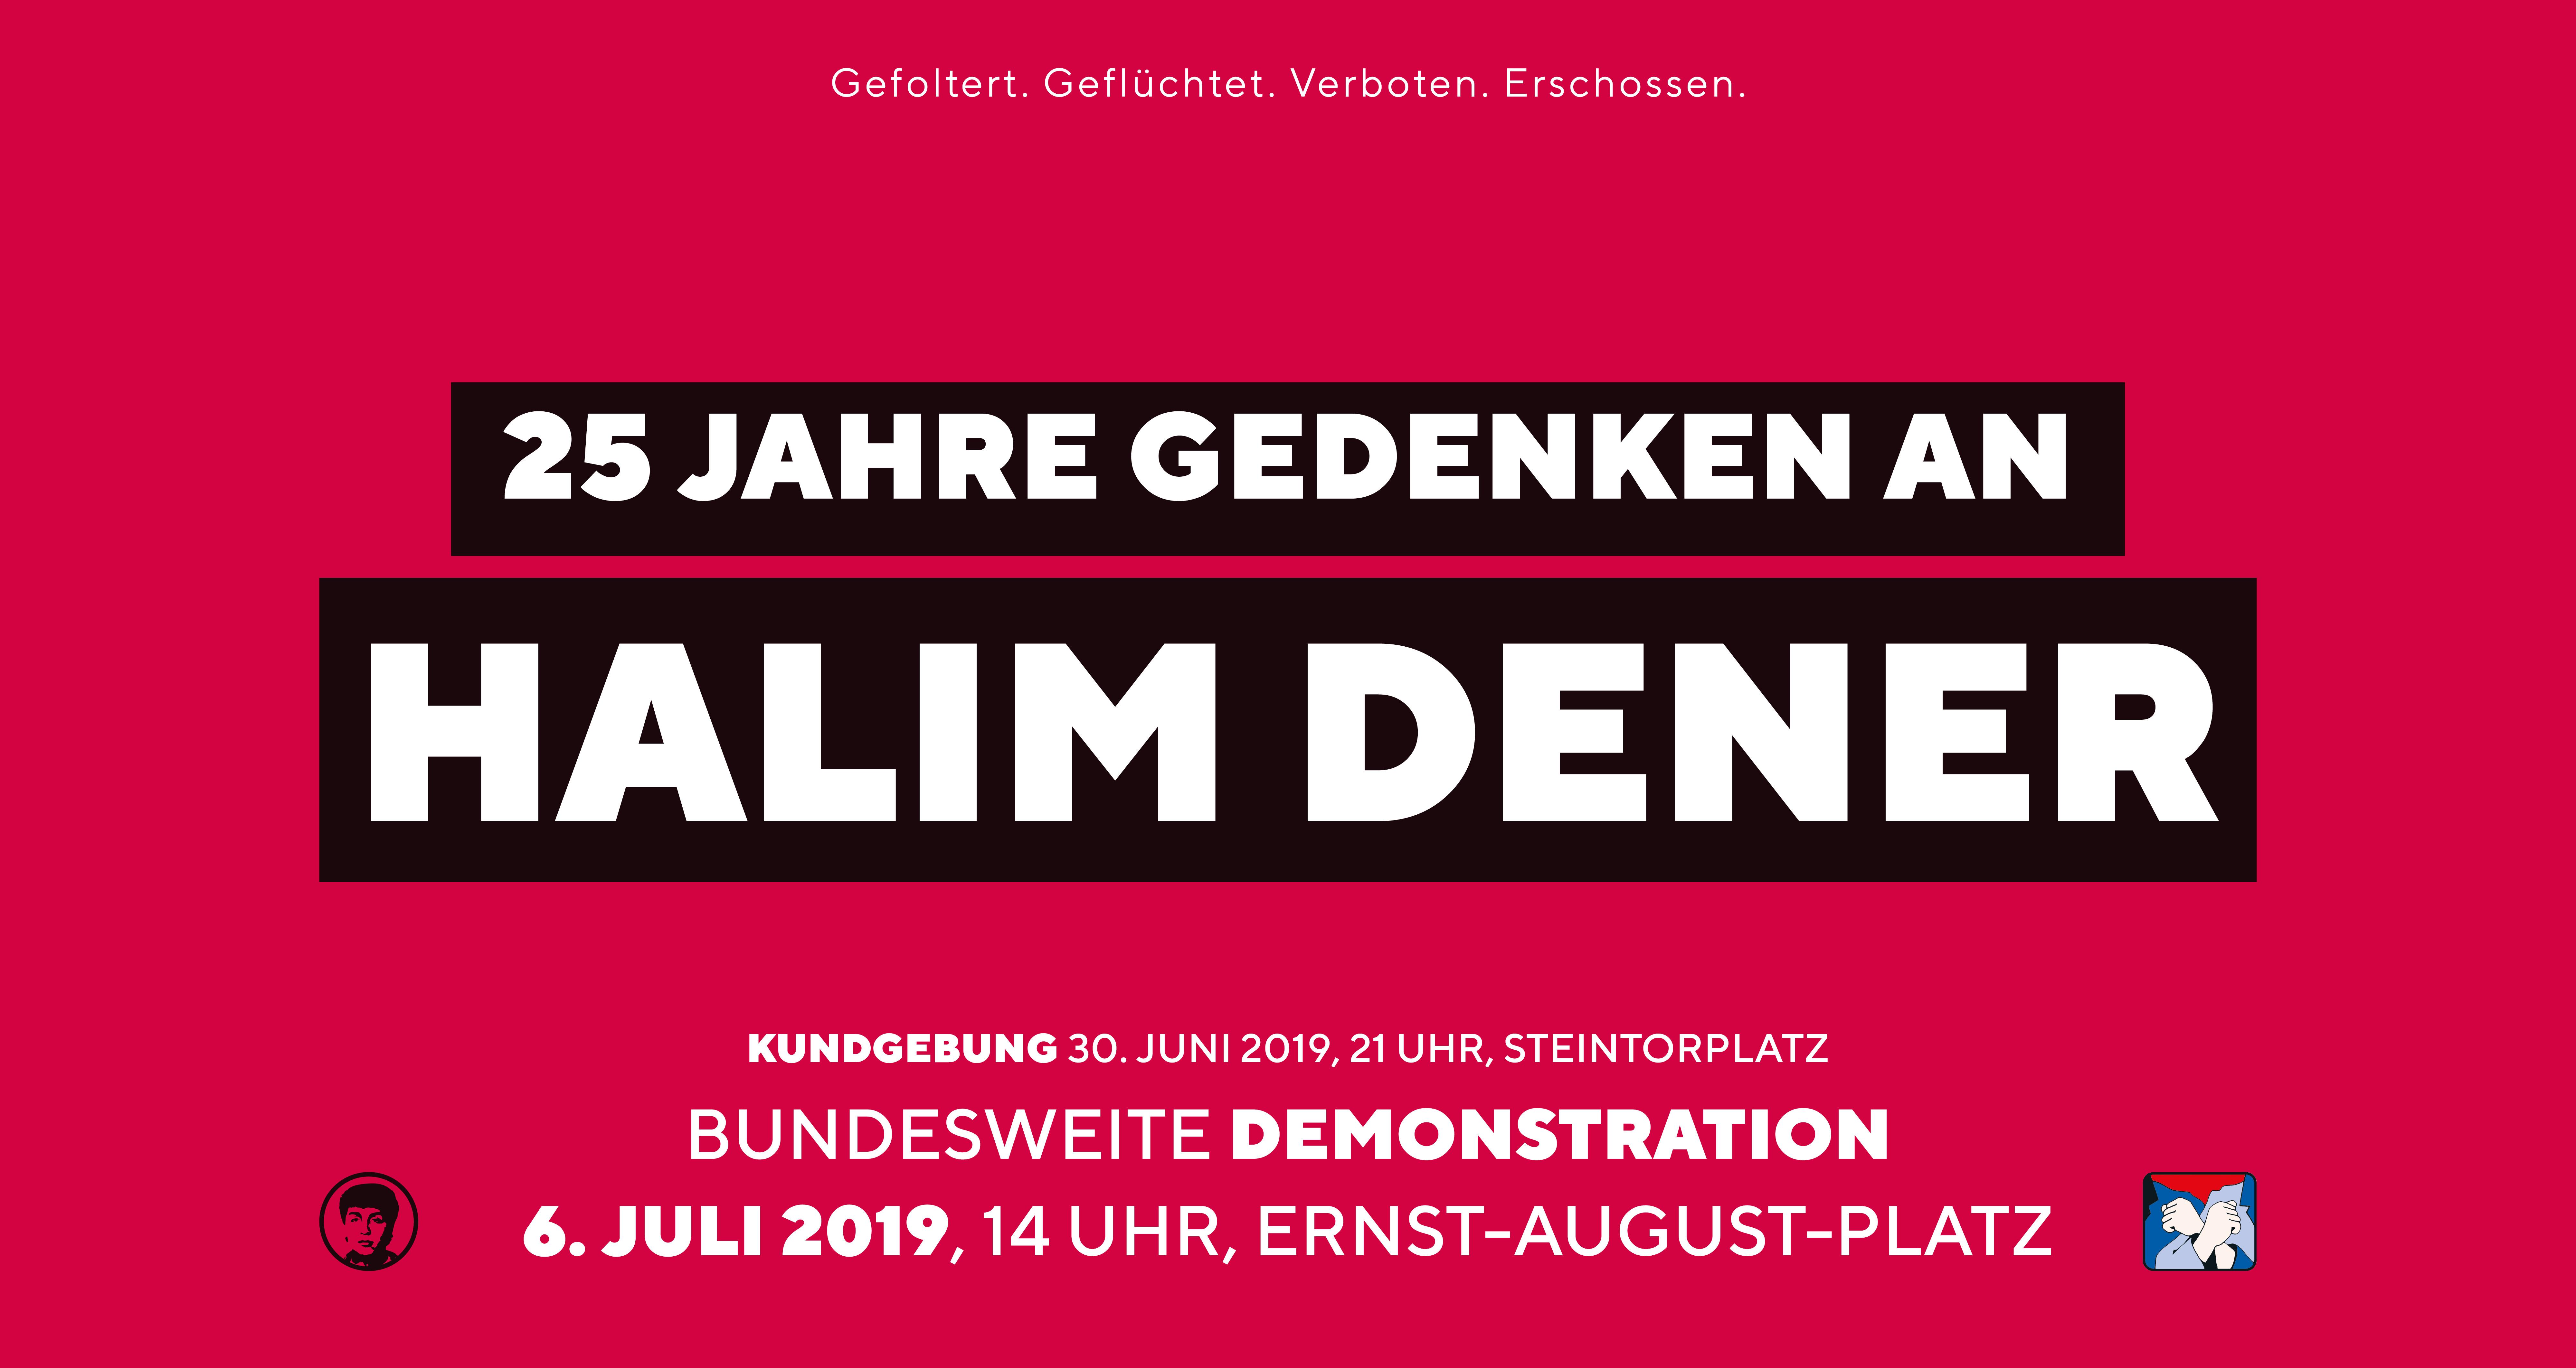 Kampagne Halim Dener 25 Jahre Gedenken Kundgebung Demonstration Hannover 2019